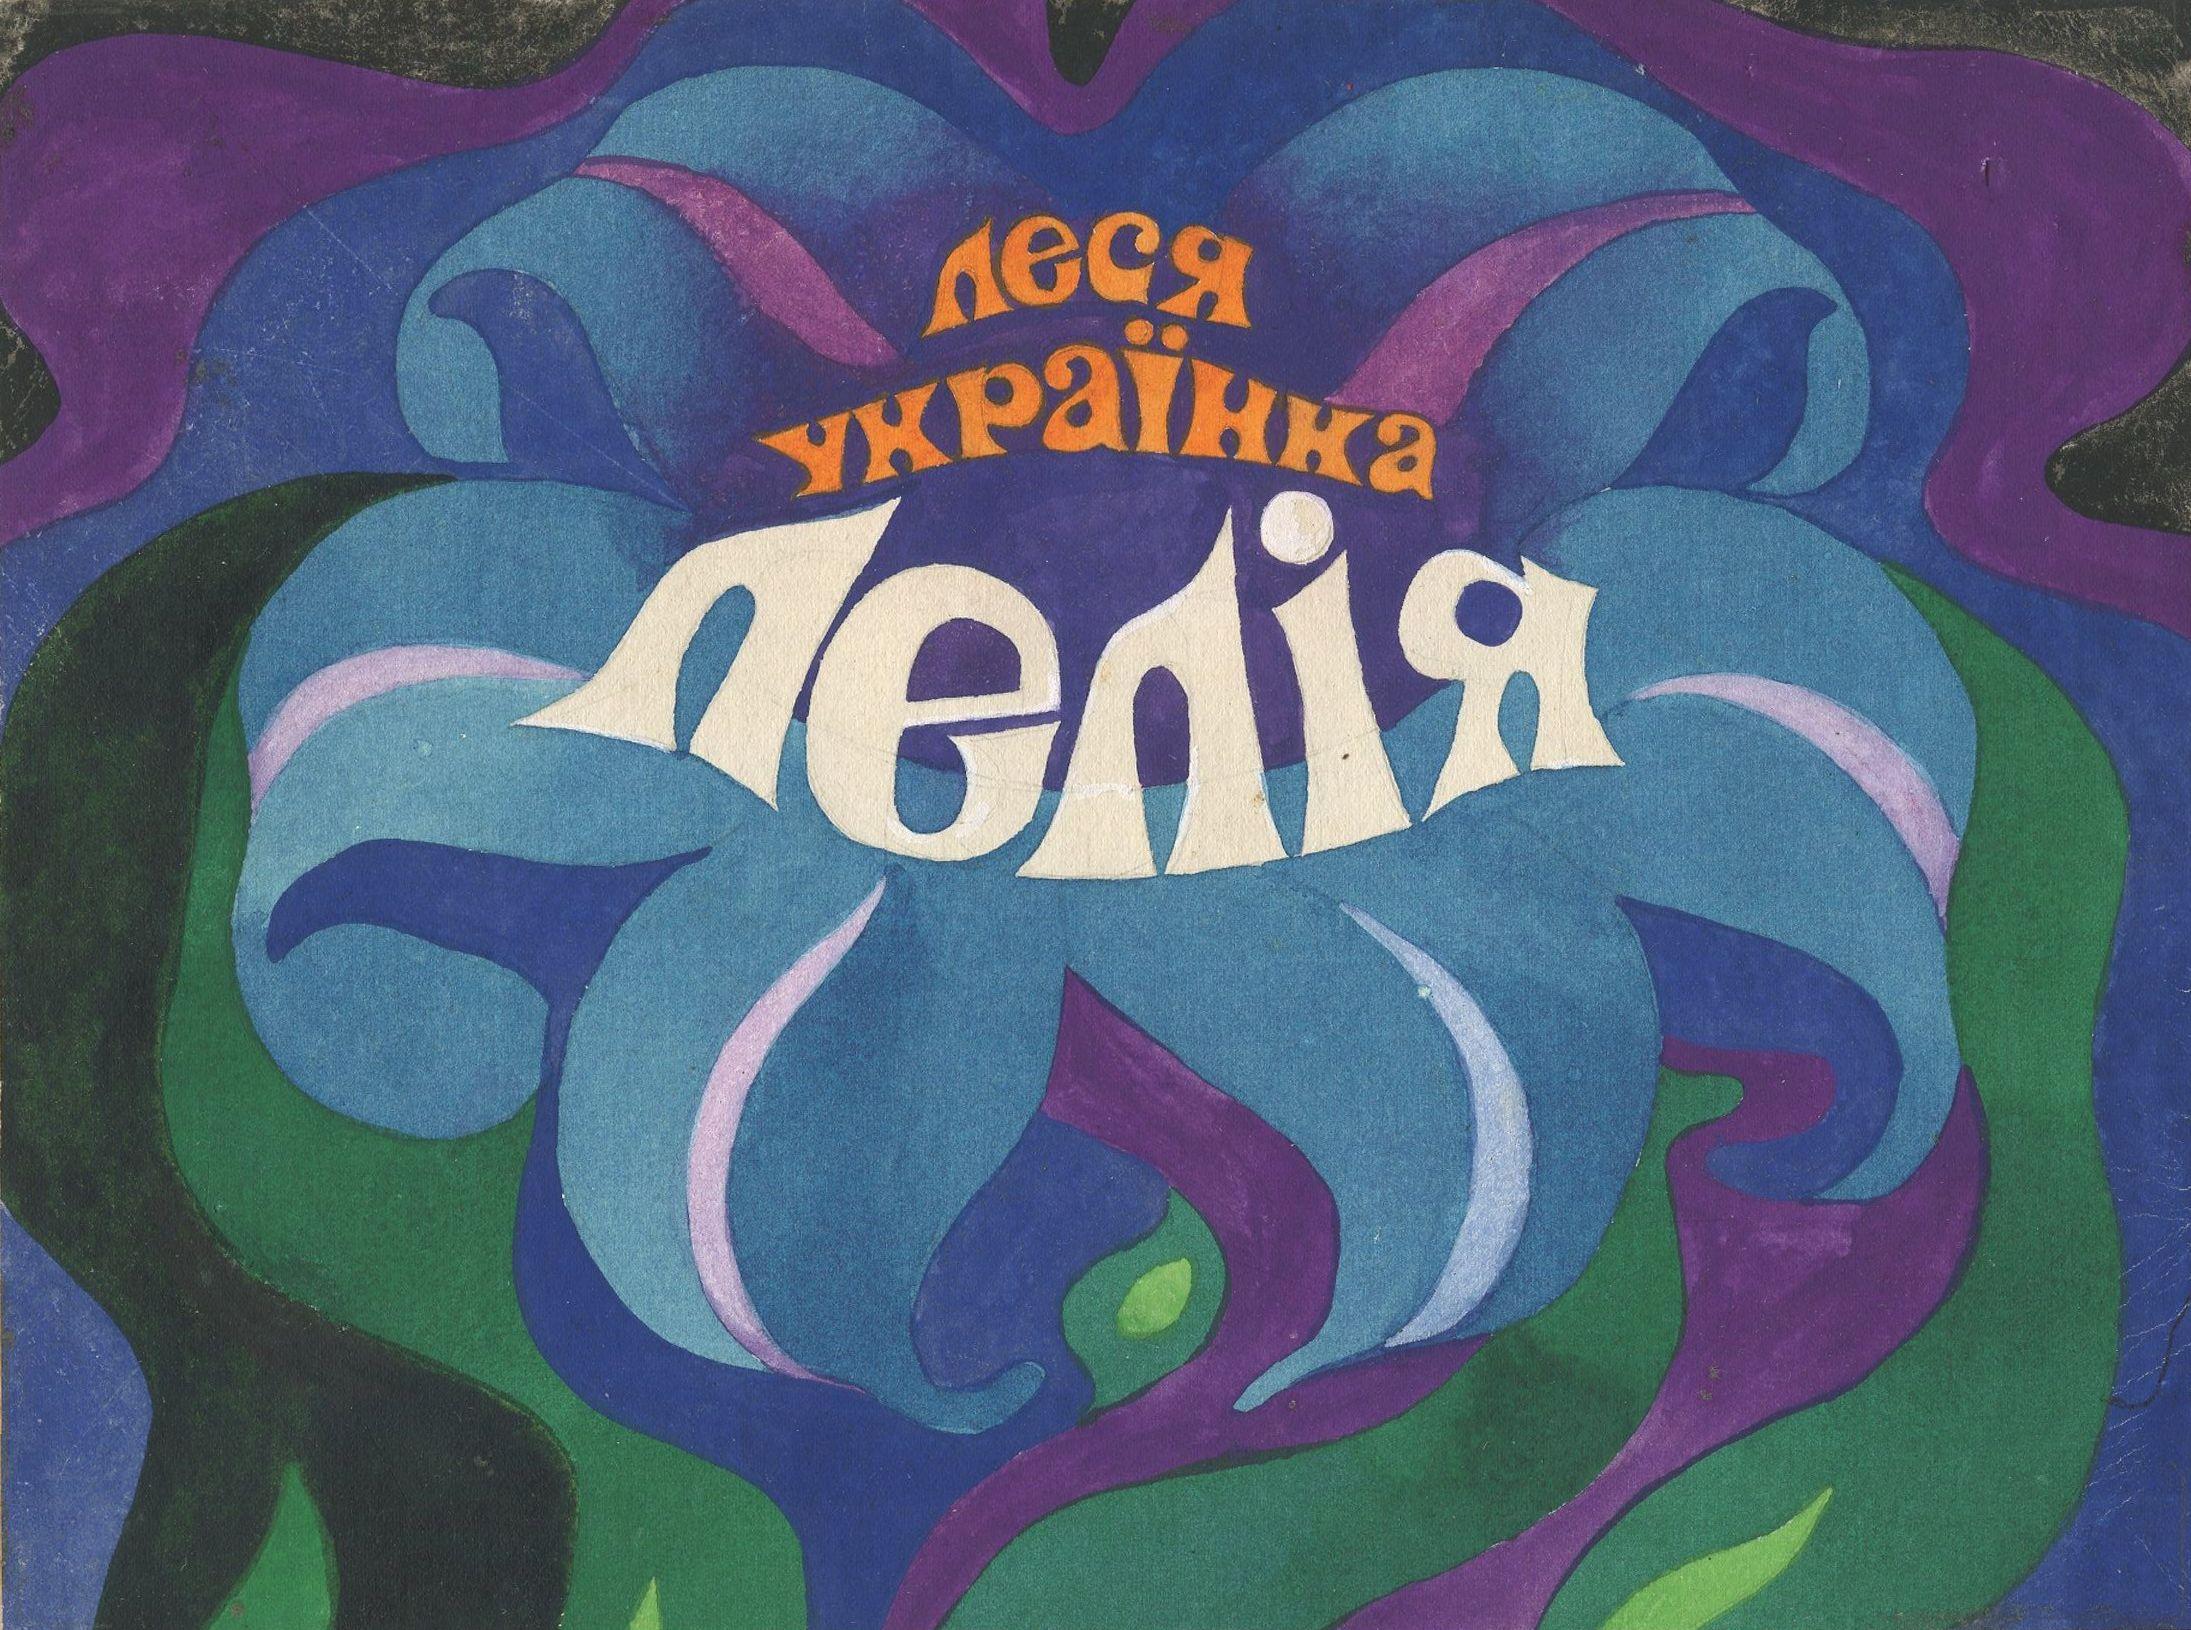 Забуте мистецтво: діафільми за творами Лесі Українки